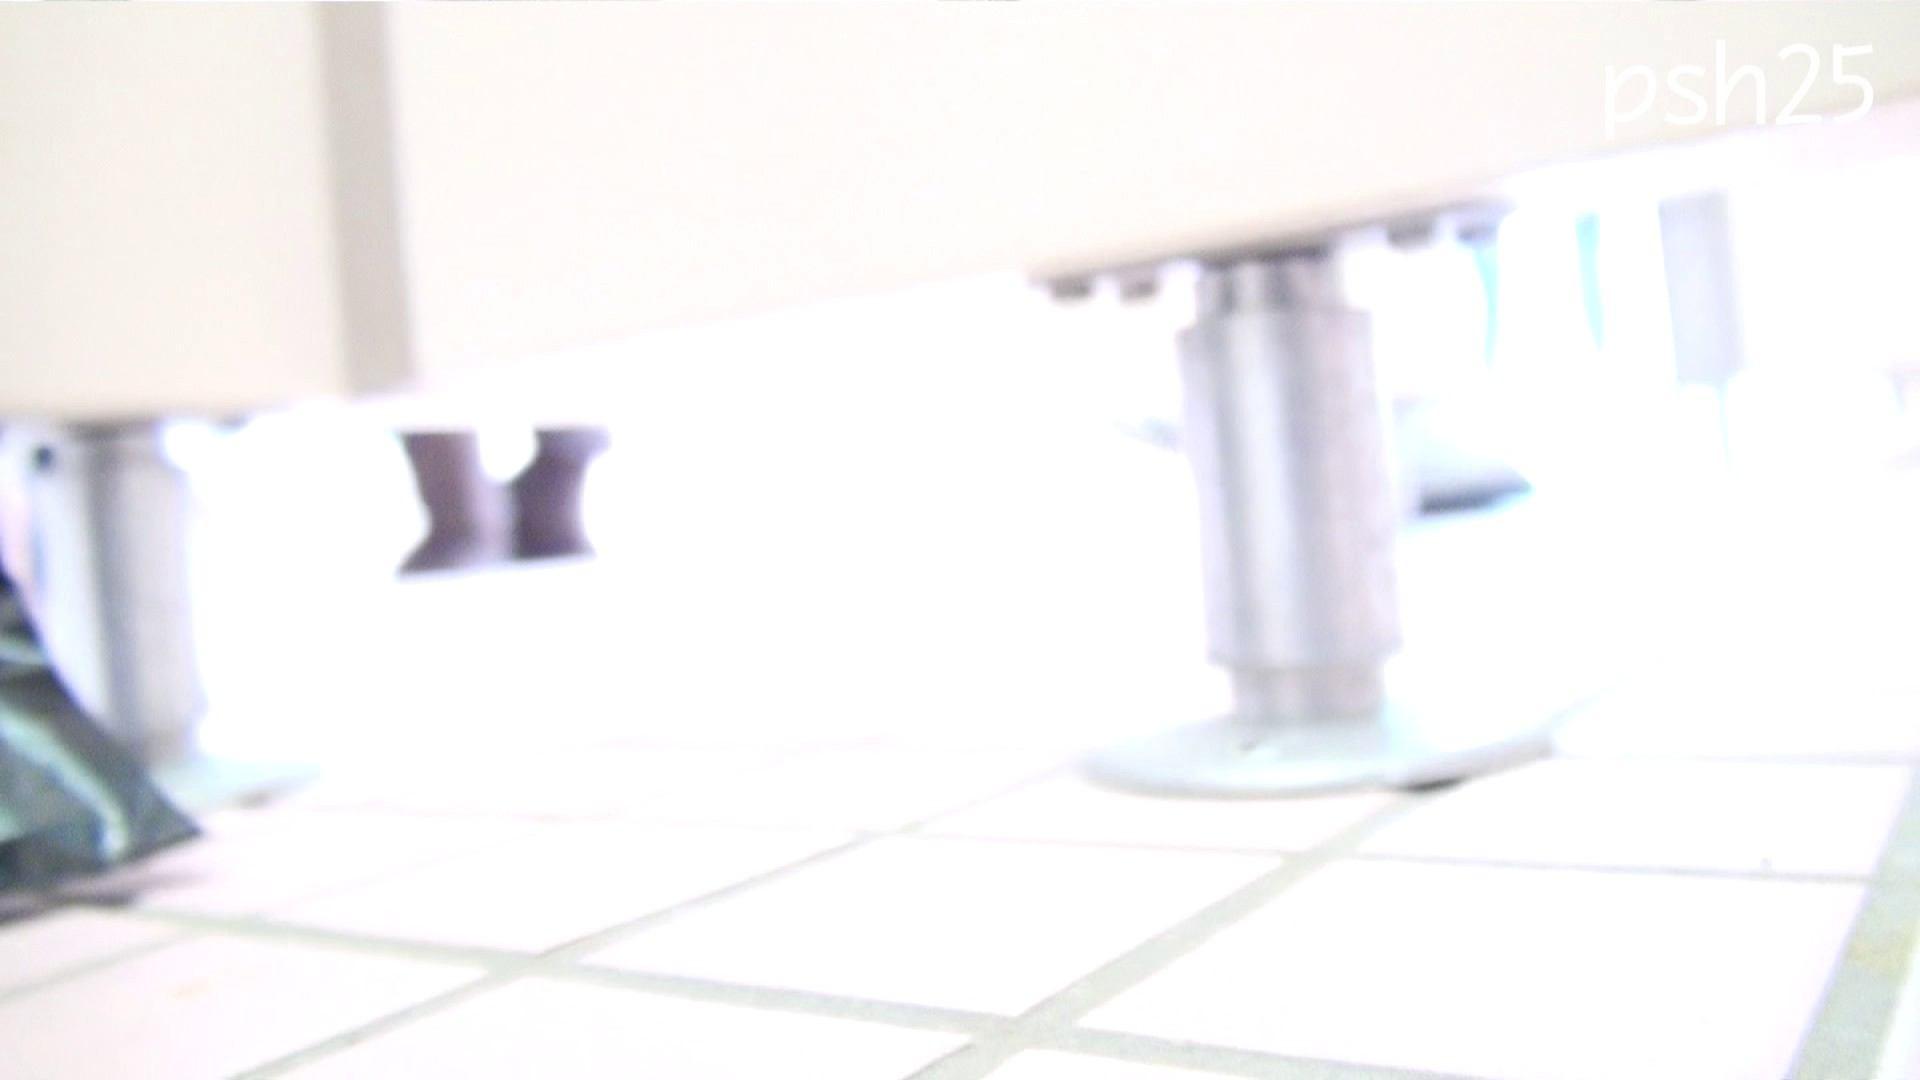 ▲復活限定▲ハイビジョン 盗神伝 Vol.25 盗撮映像大放出   エッチすぎるOL達  106連発 49